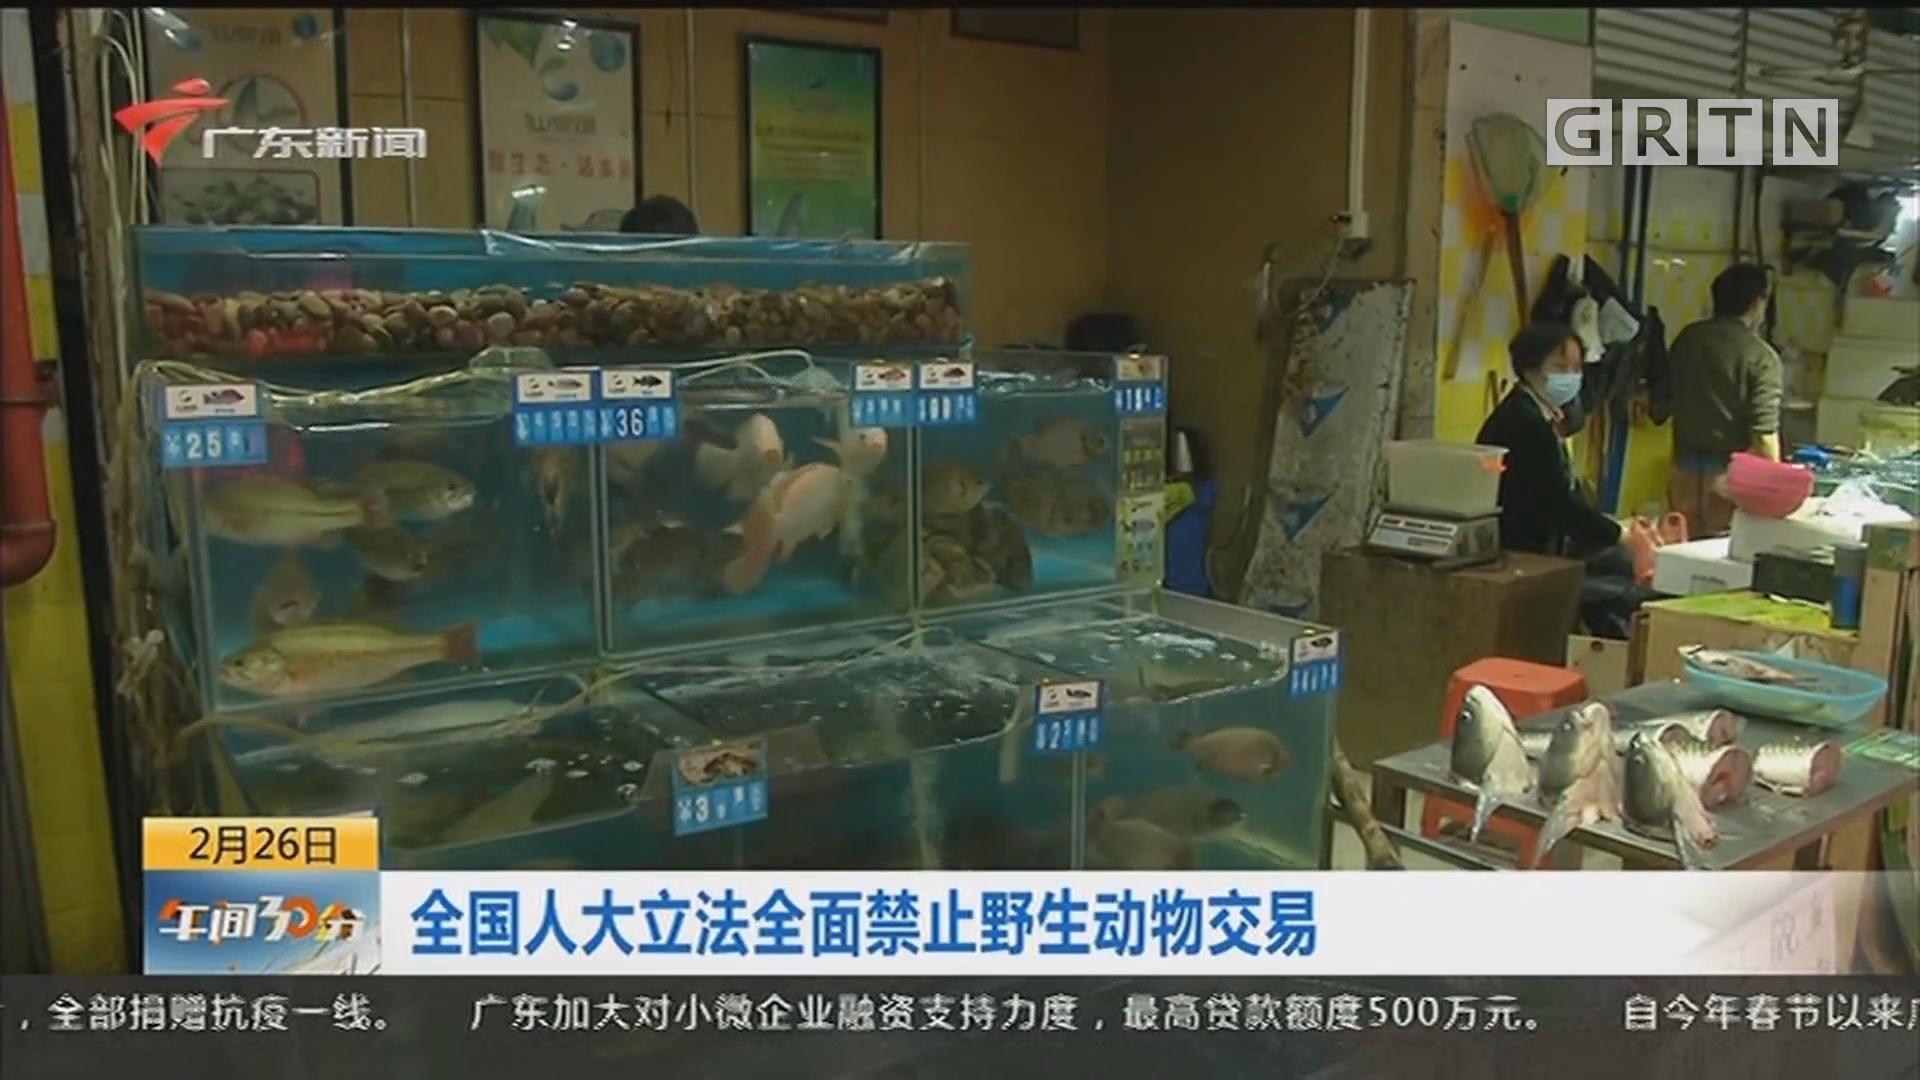 全国人大立法全面禁止野生动物交易